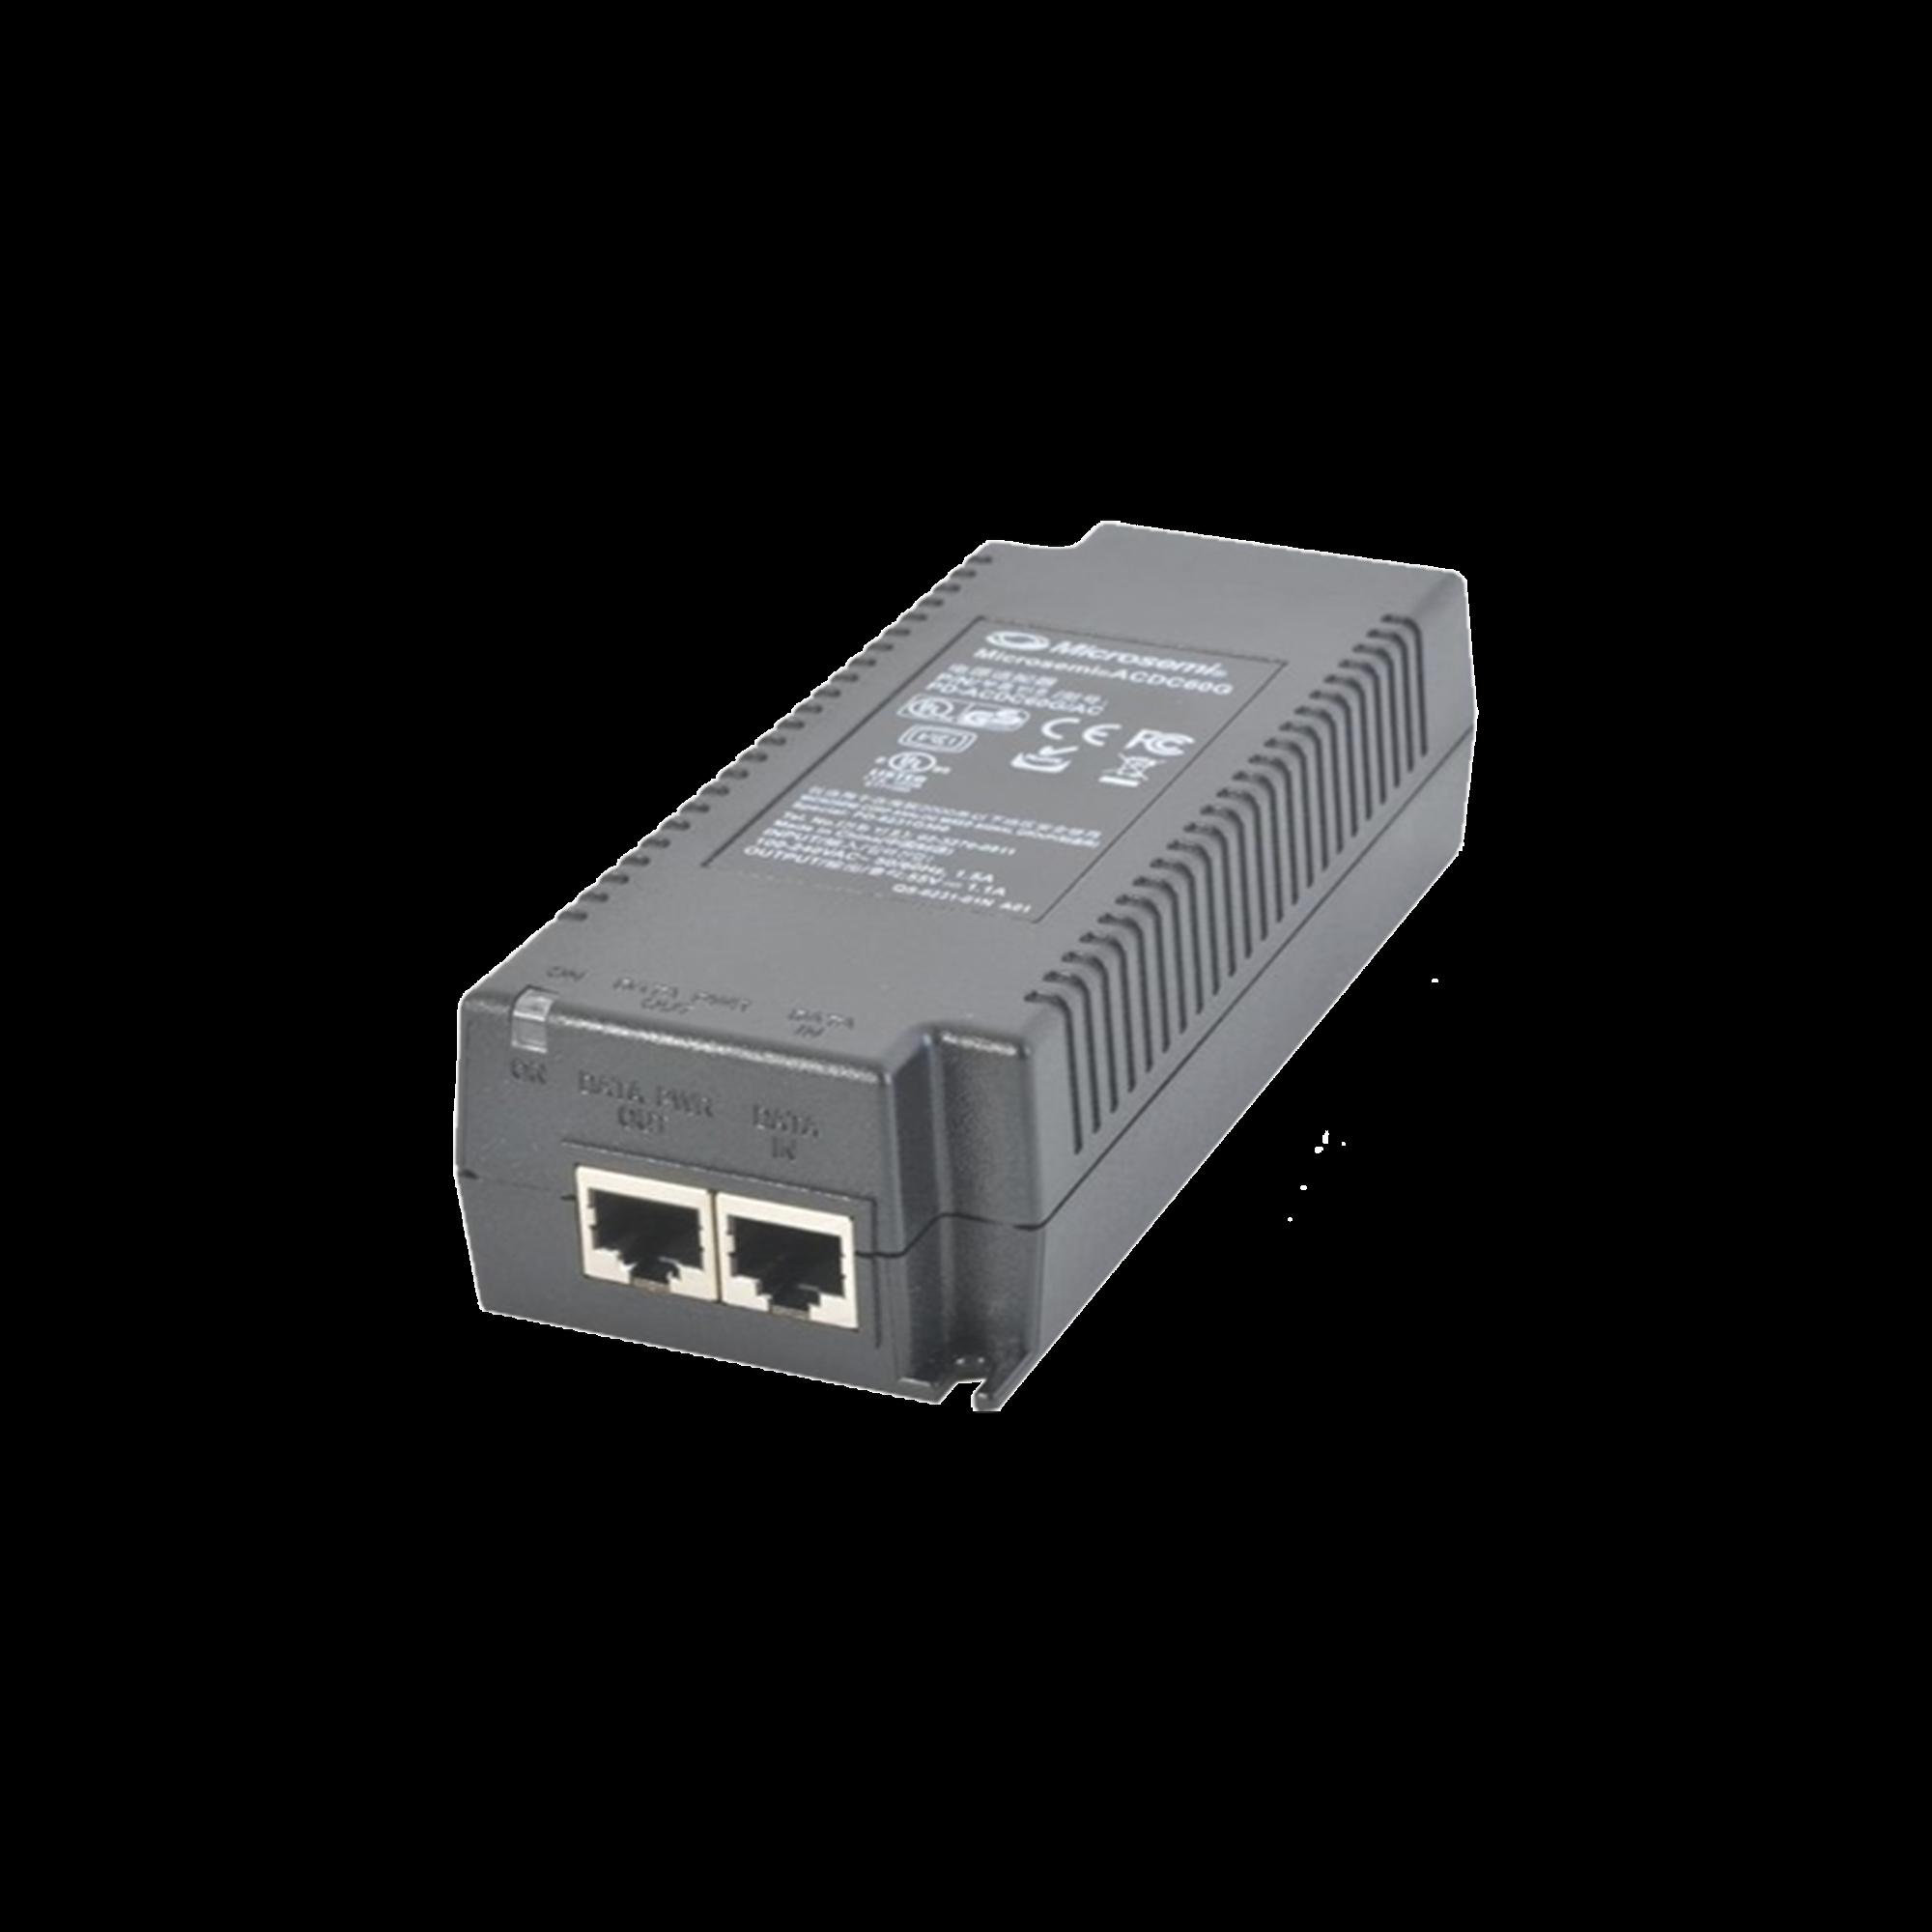 Inyector PoE 60w (alimentación 100-240 ac cable tipo us ac)